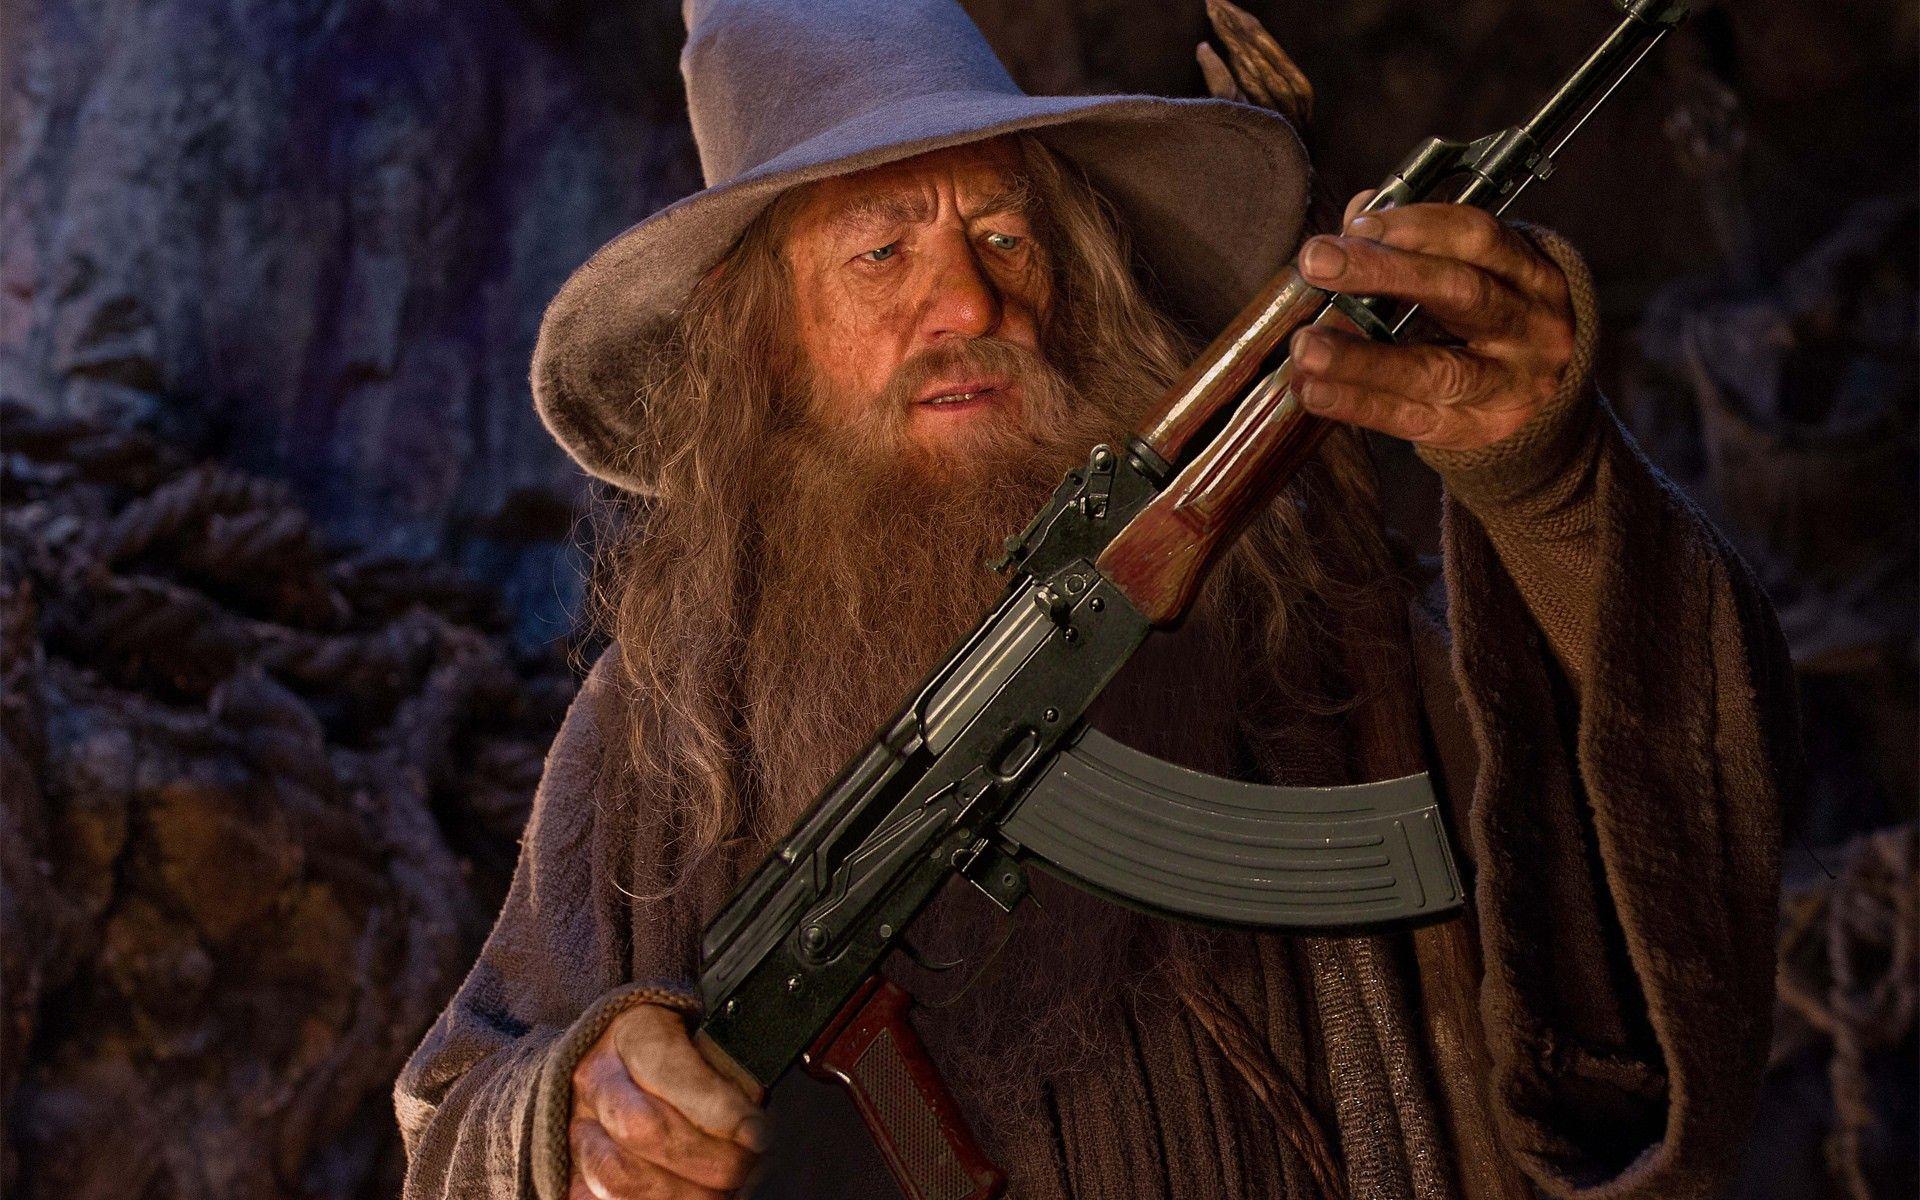 Gandlaf so zbraňou